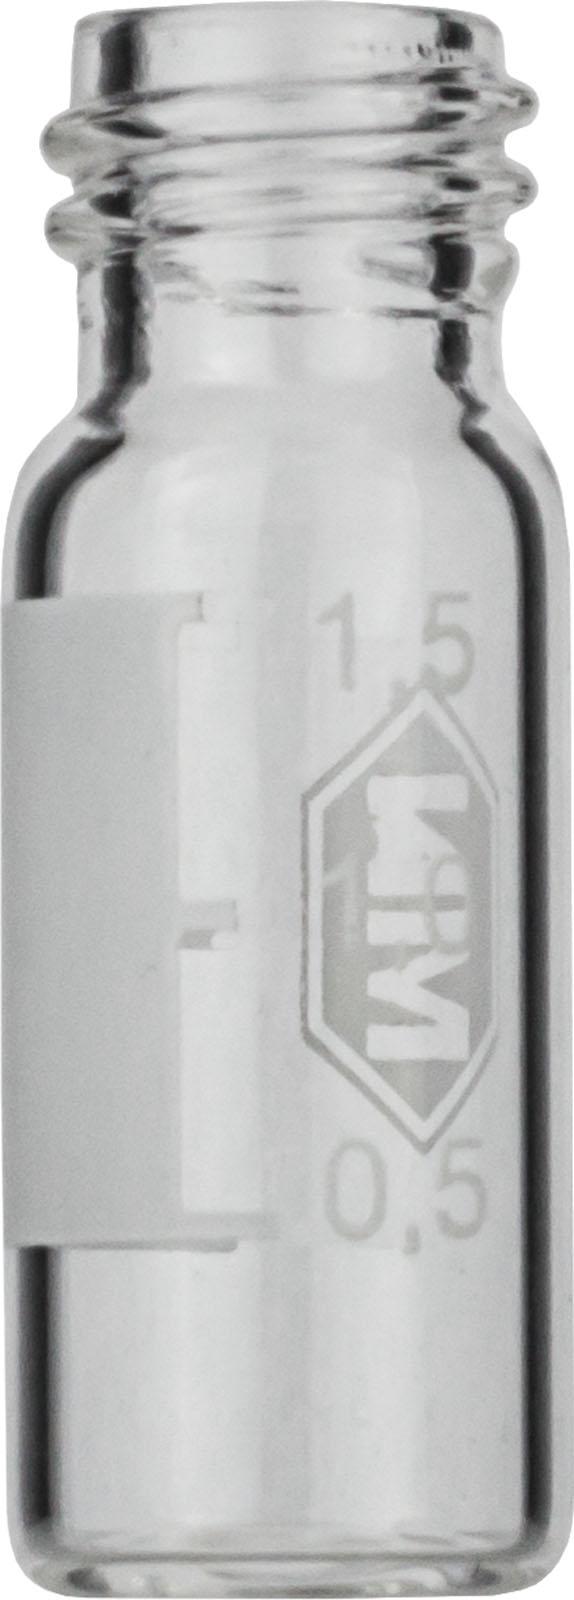 Vial N10-1.5, GW, k, 11,6x32, flach, SF